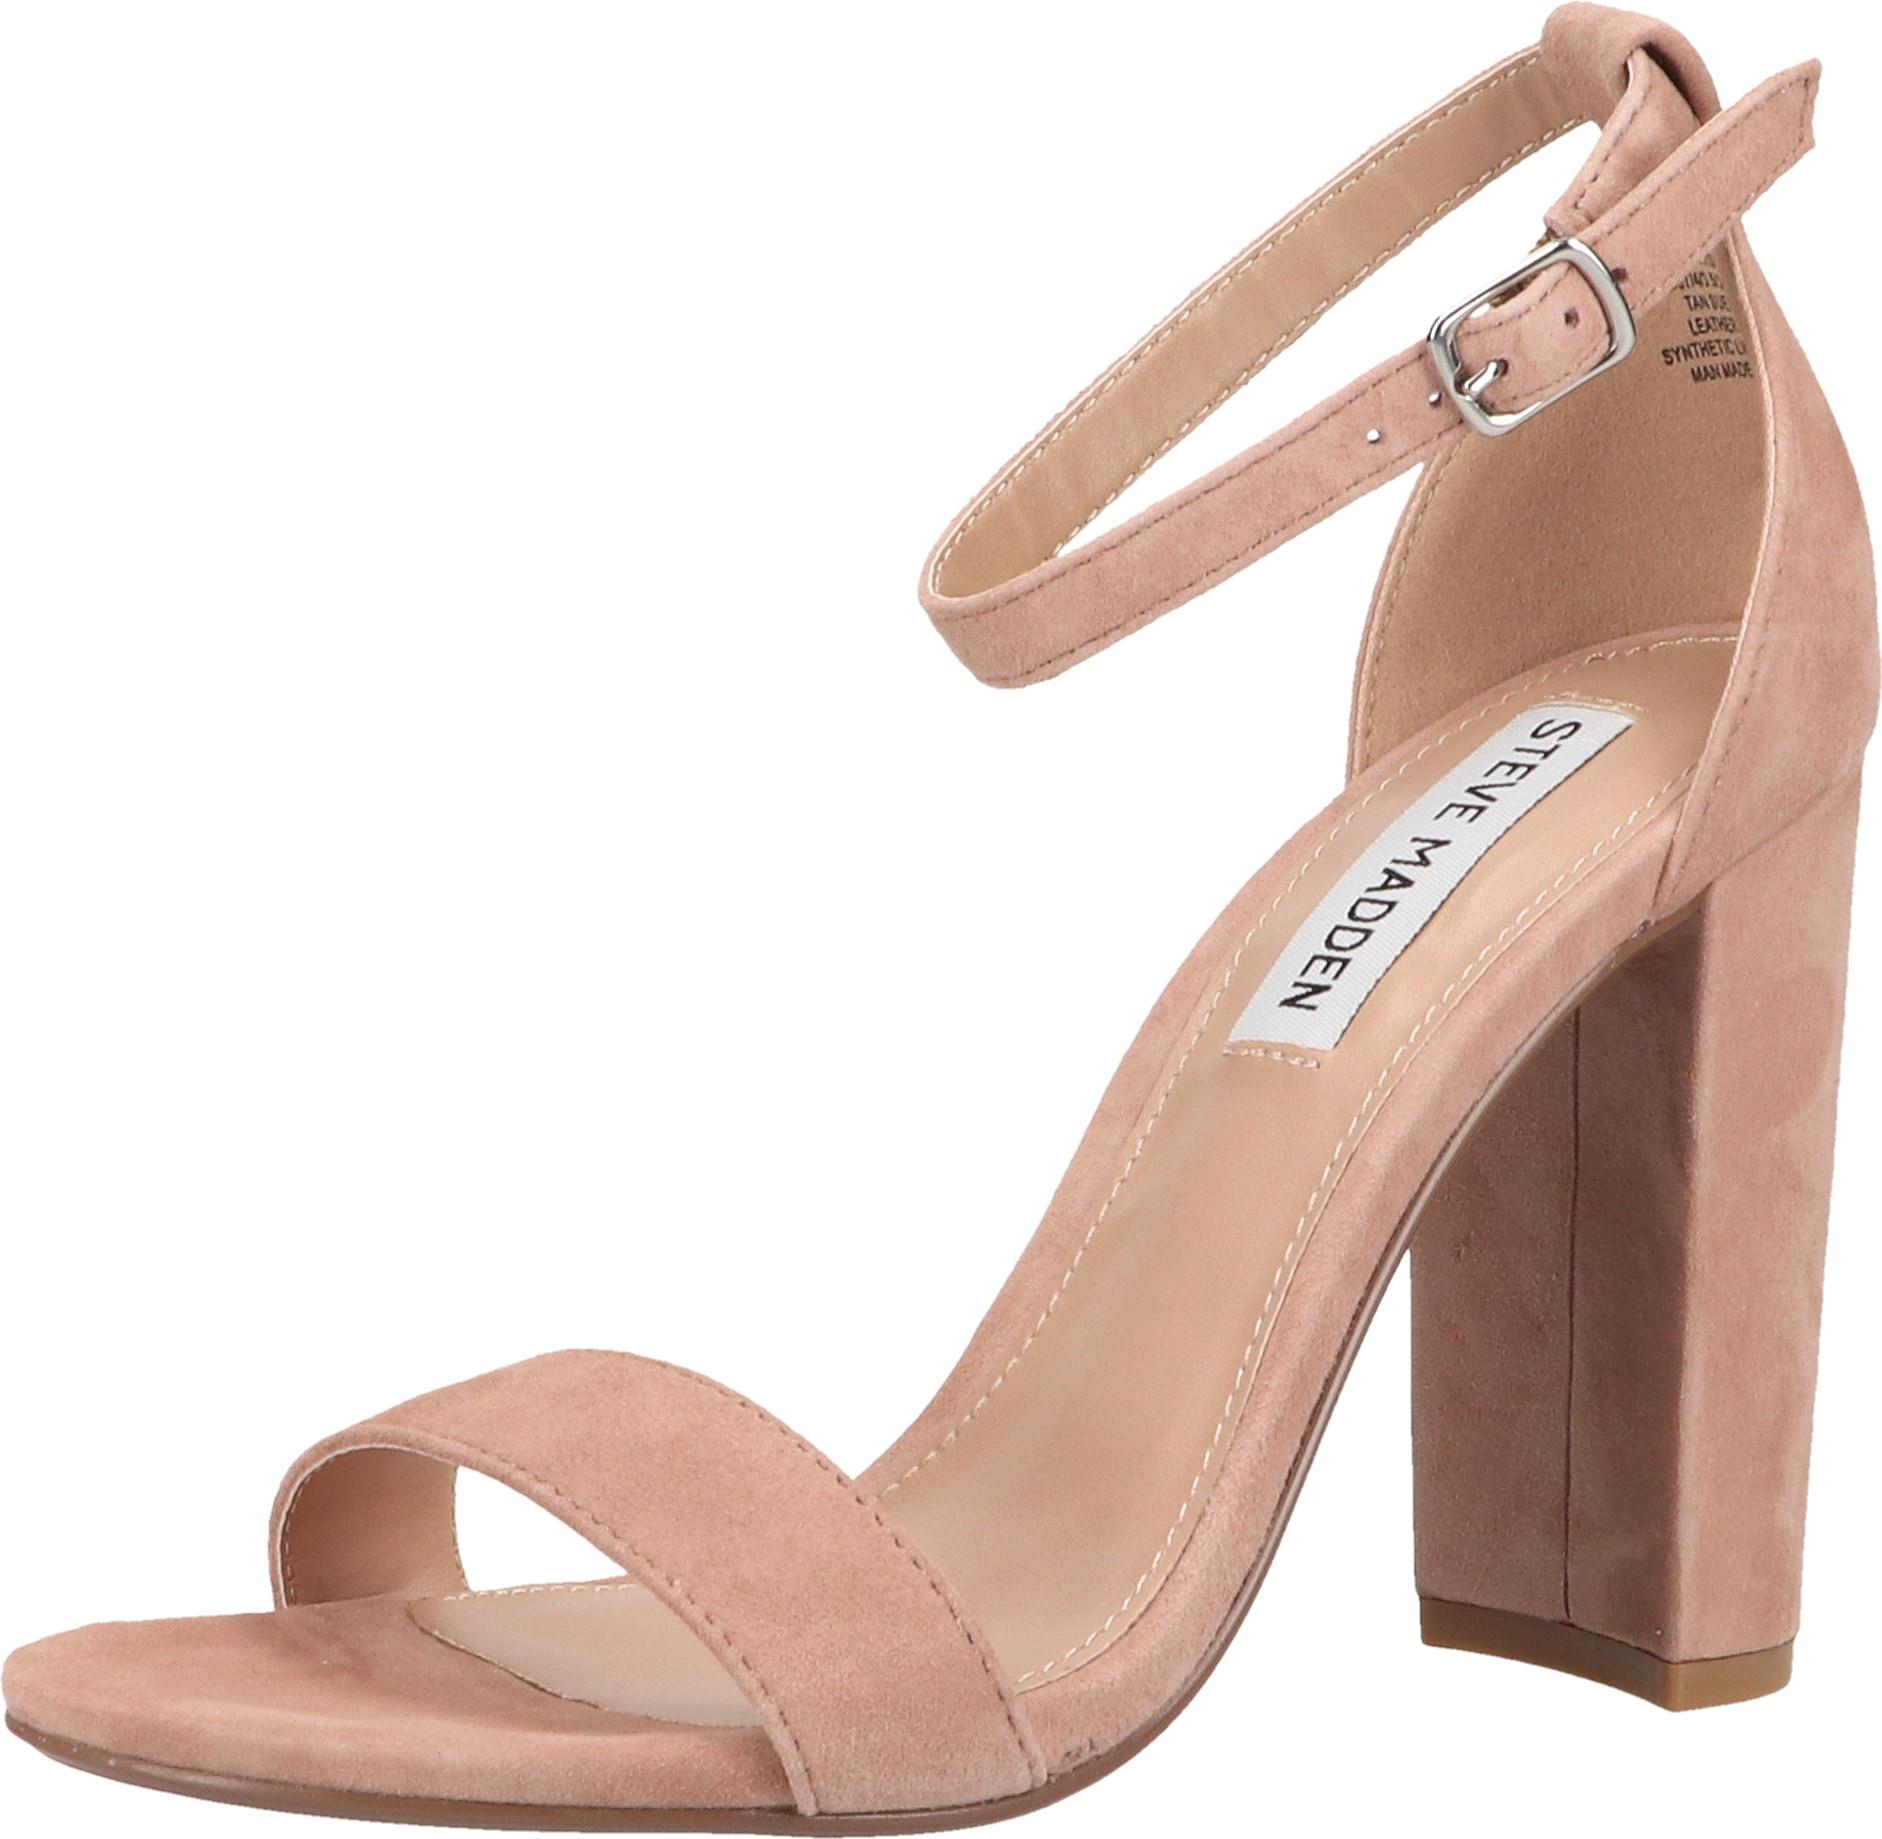 steve madden -  High-Heel-Sandalette Veloursleder